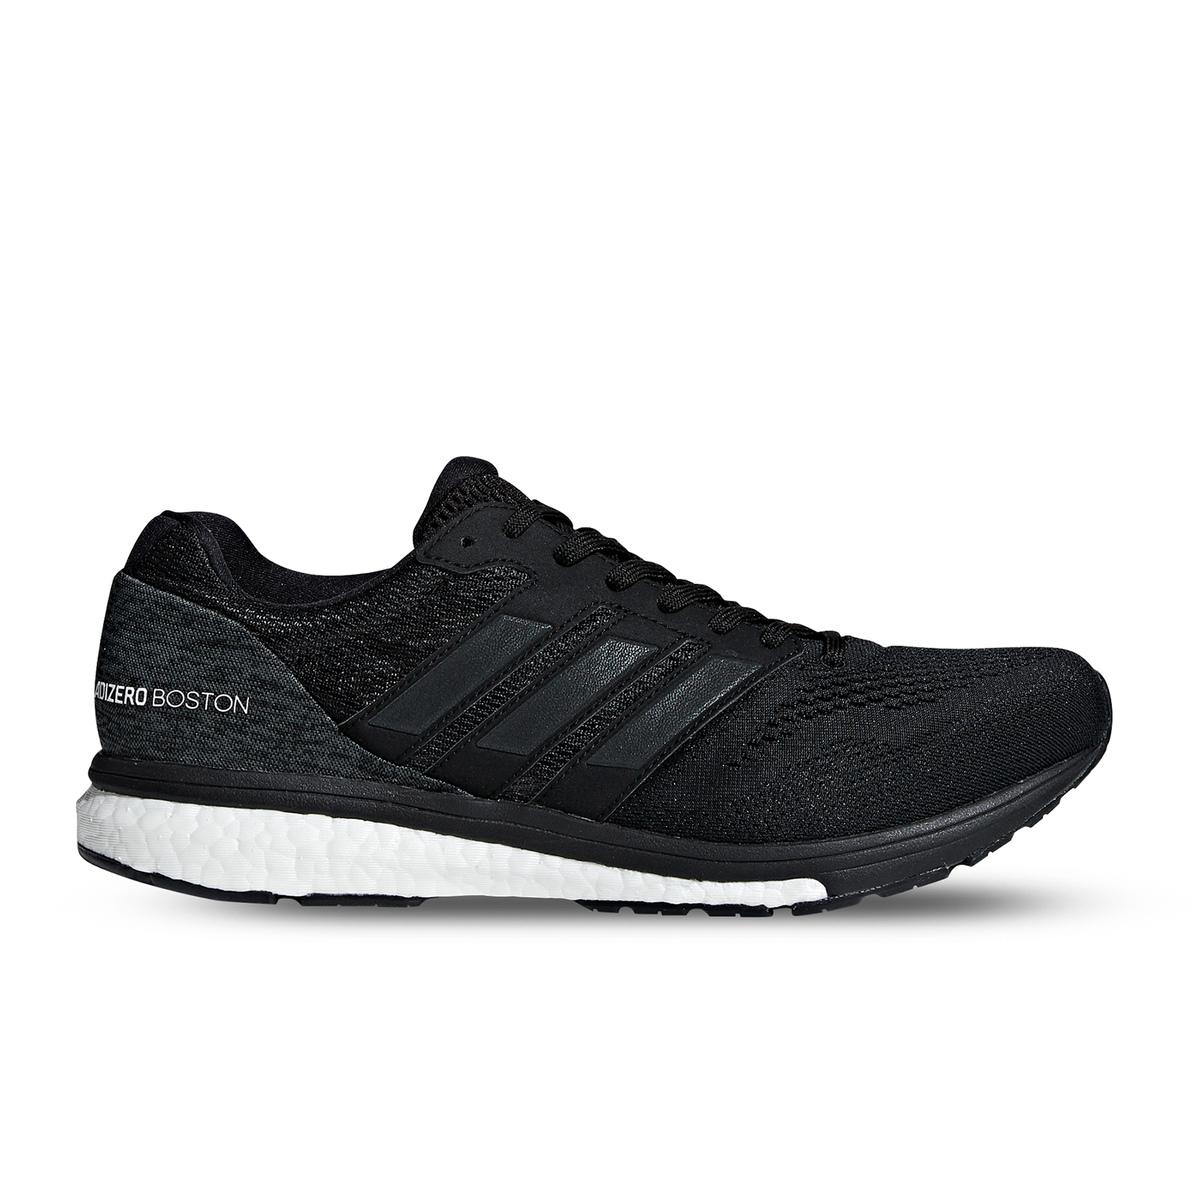 e620623628c3c1 Adidas Adizero Boston 7: Caratteristiche - Scarpe Running | Runnea